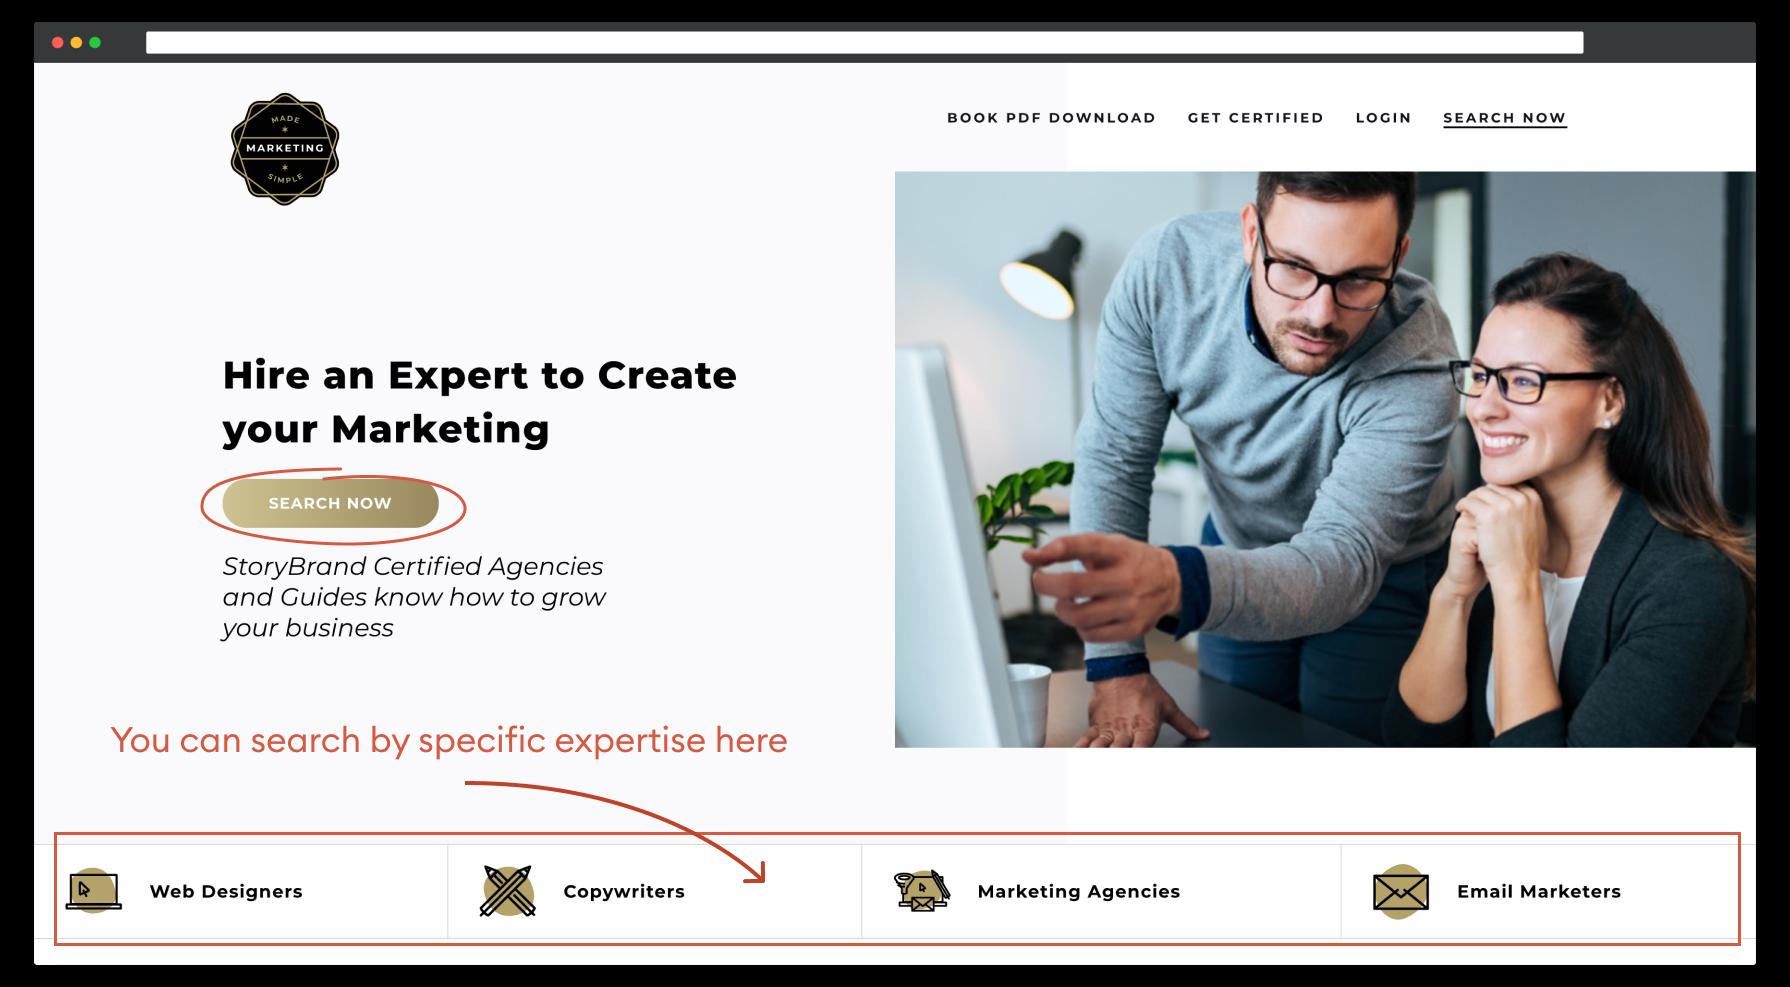 MarketingMadeSimple.com